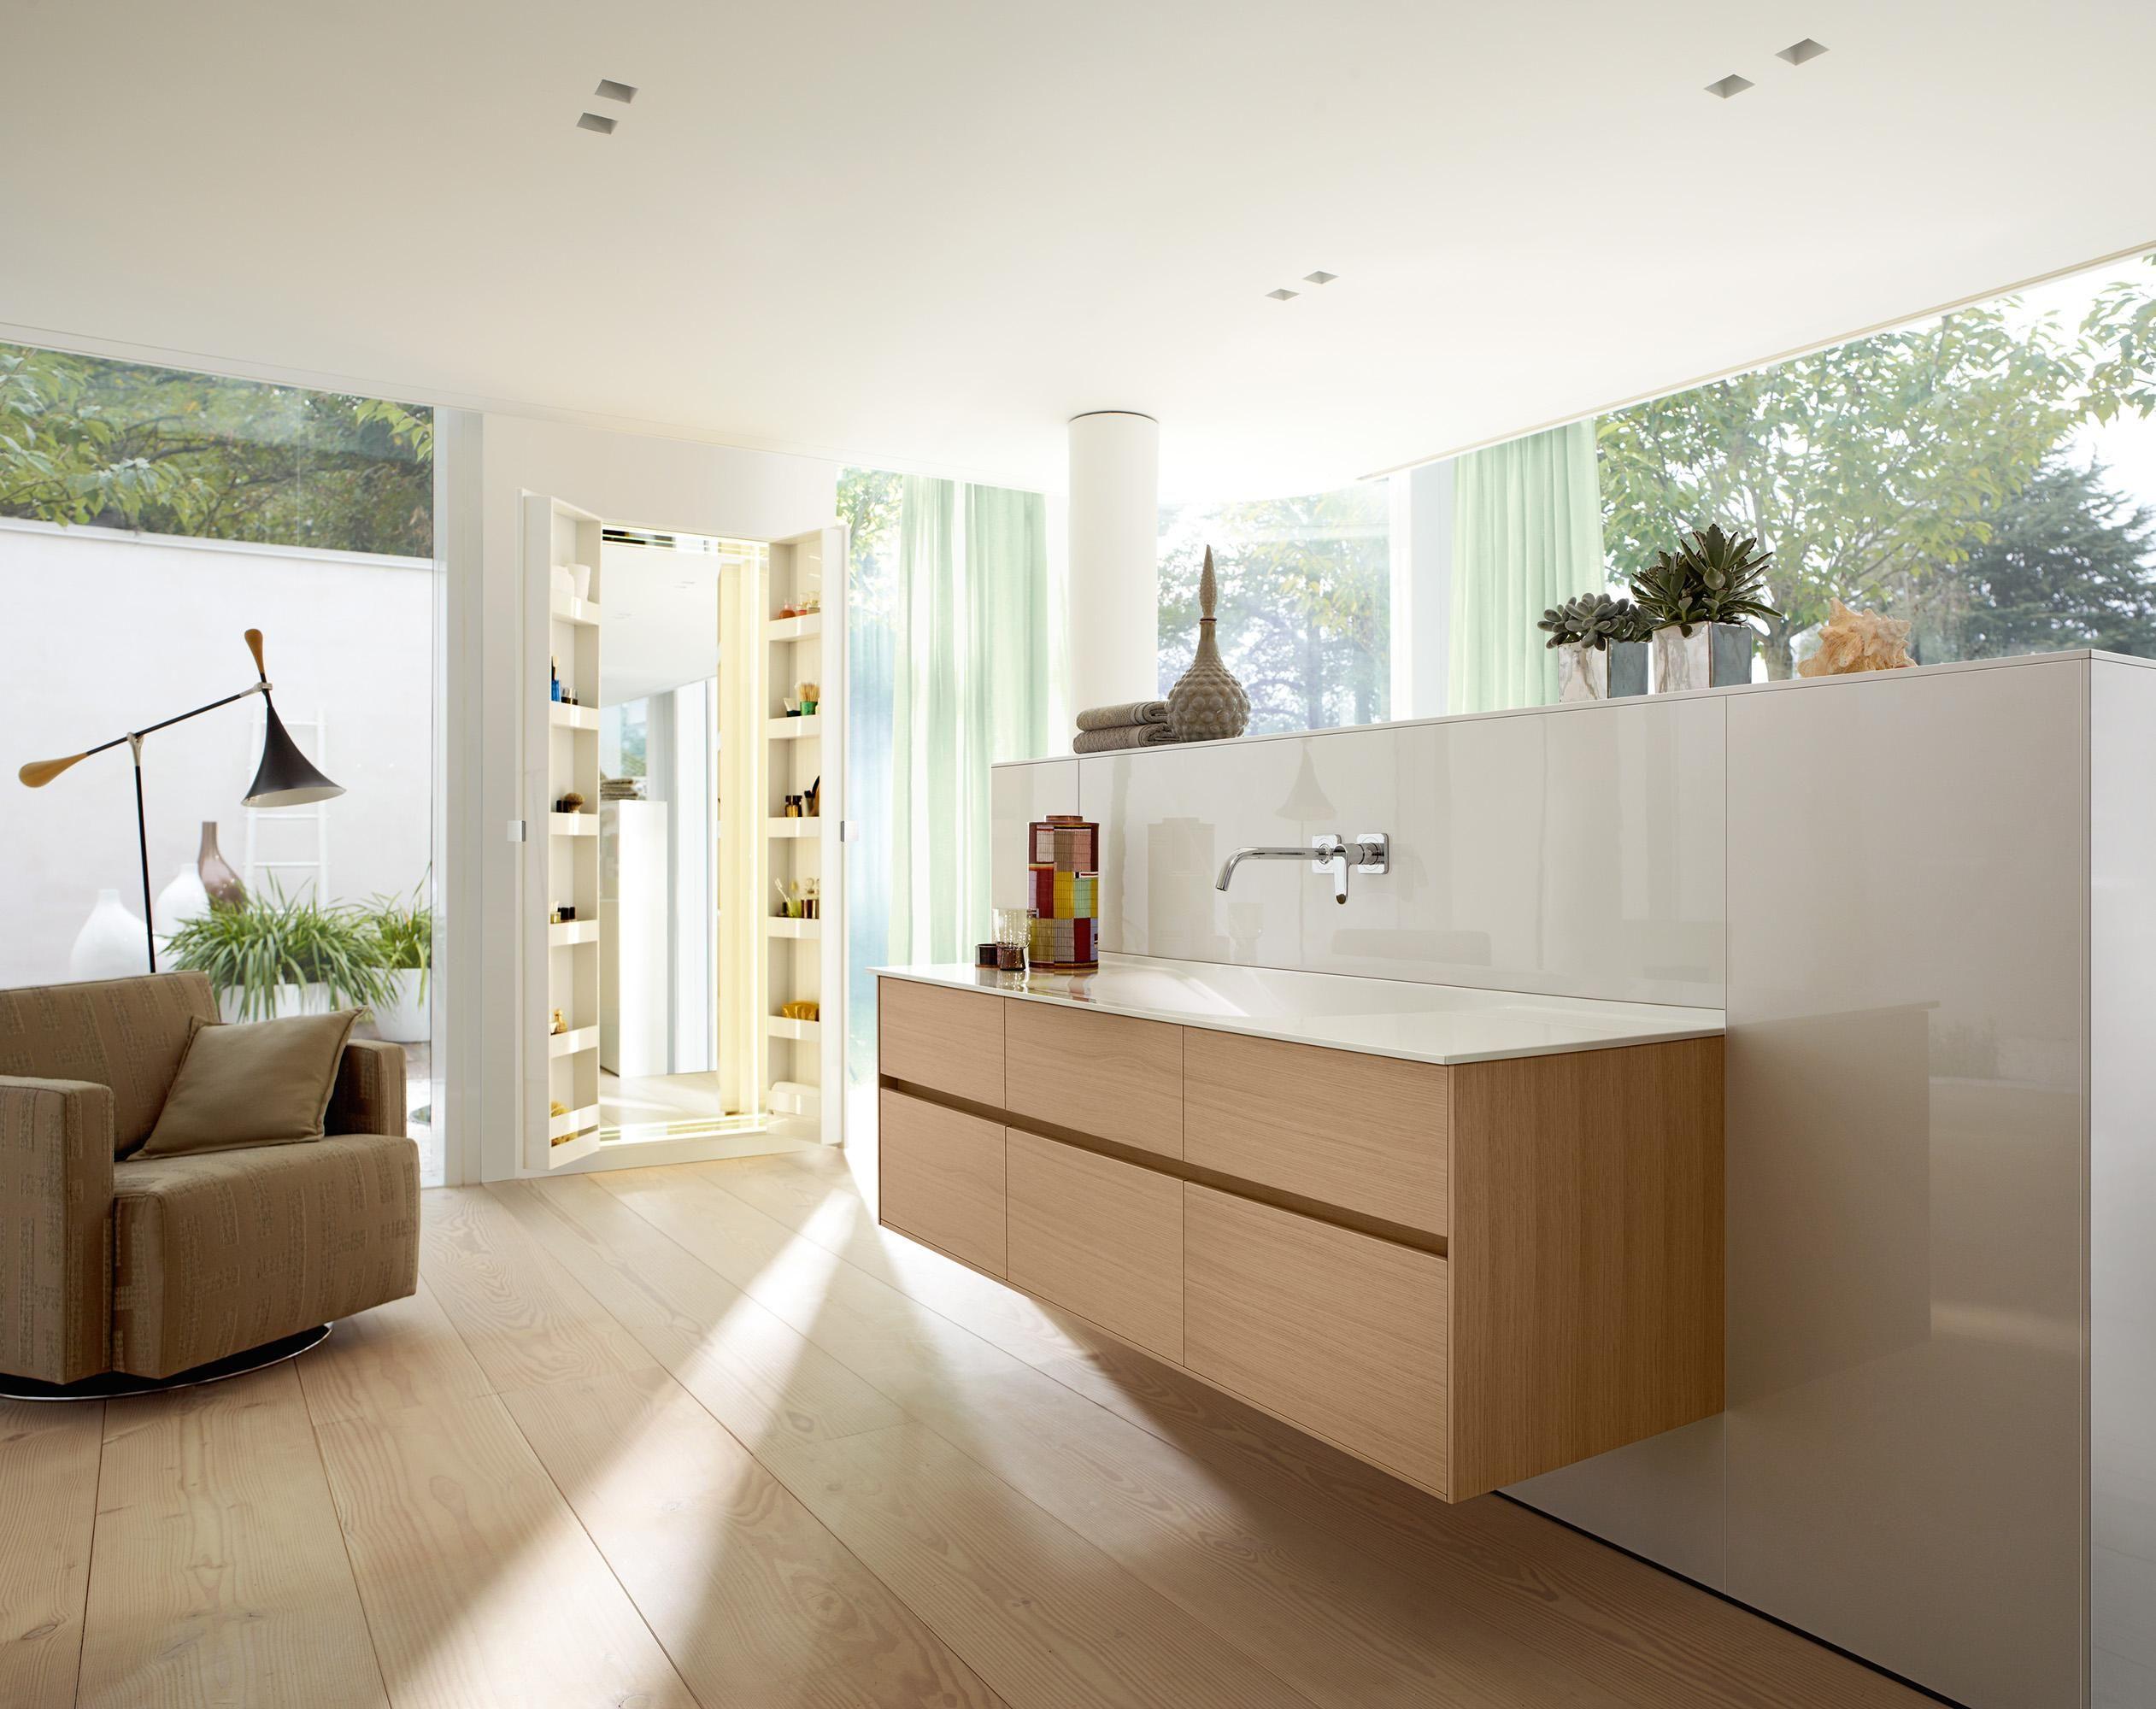 Badezimmer Gestalten Bilder Ideen Couchstyle Badezimmer Bad Waschbecken Bilder Vorwandinstallation Ideen Waschtisch Burg In 2020 Bathroom Shower Room Bathtub